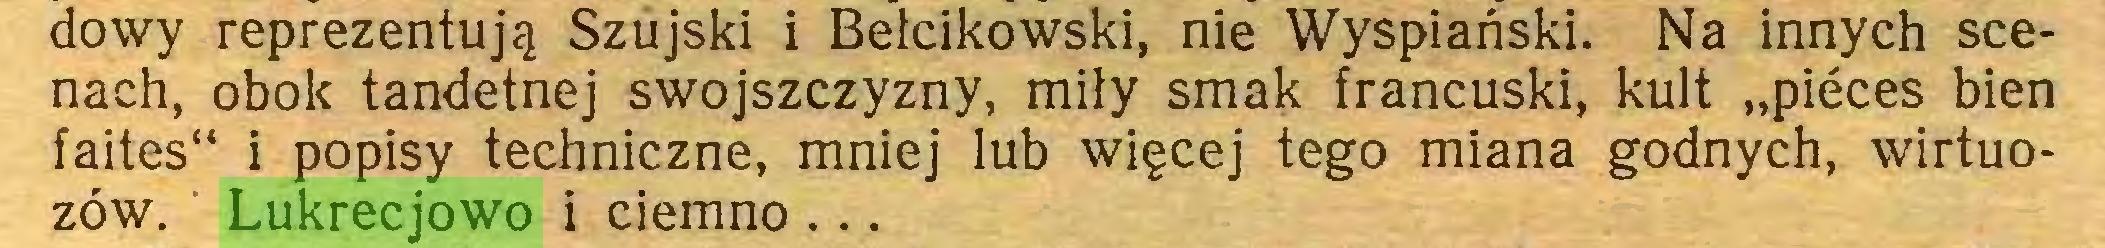 """(...) dowy reprezentują Szujski i Bełcikowski, nie Wyspiański. Na innych scenach, obok tandetnej swojszczyzny, miły smak francuski, kult """"pieces bien faites"""" i popisy techniczne, mniej lub więcej tego miana godnych, wirtuozów. Lukrecjowo i ciemno ..."""